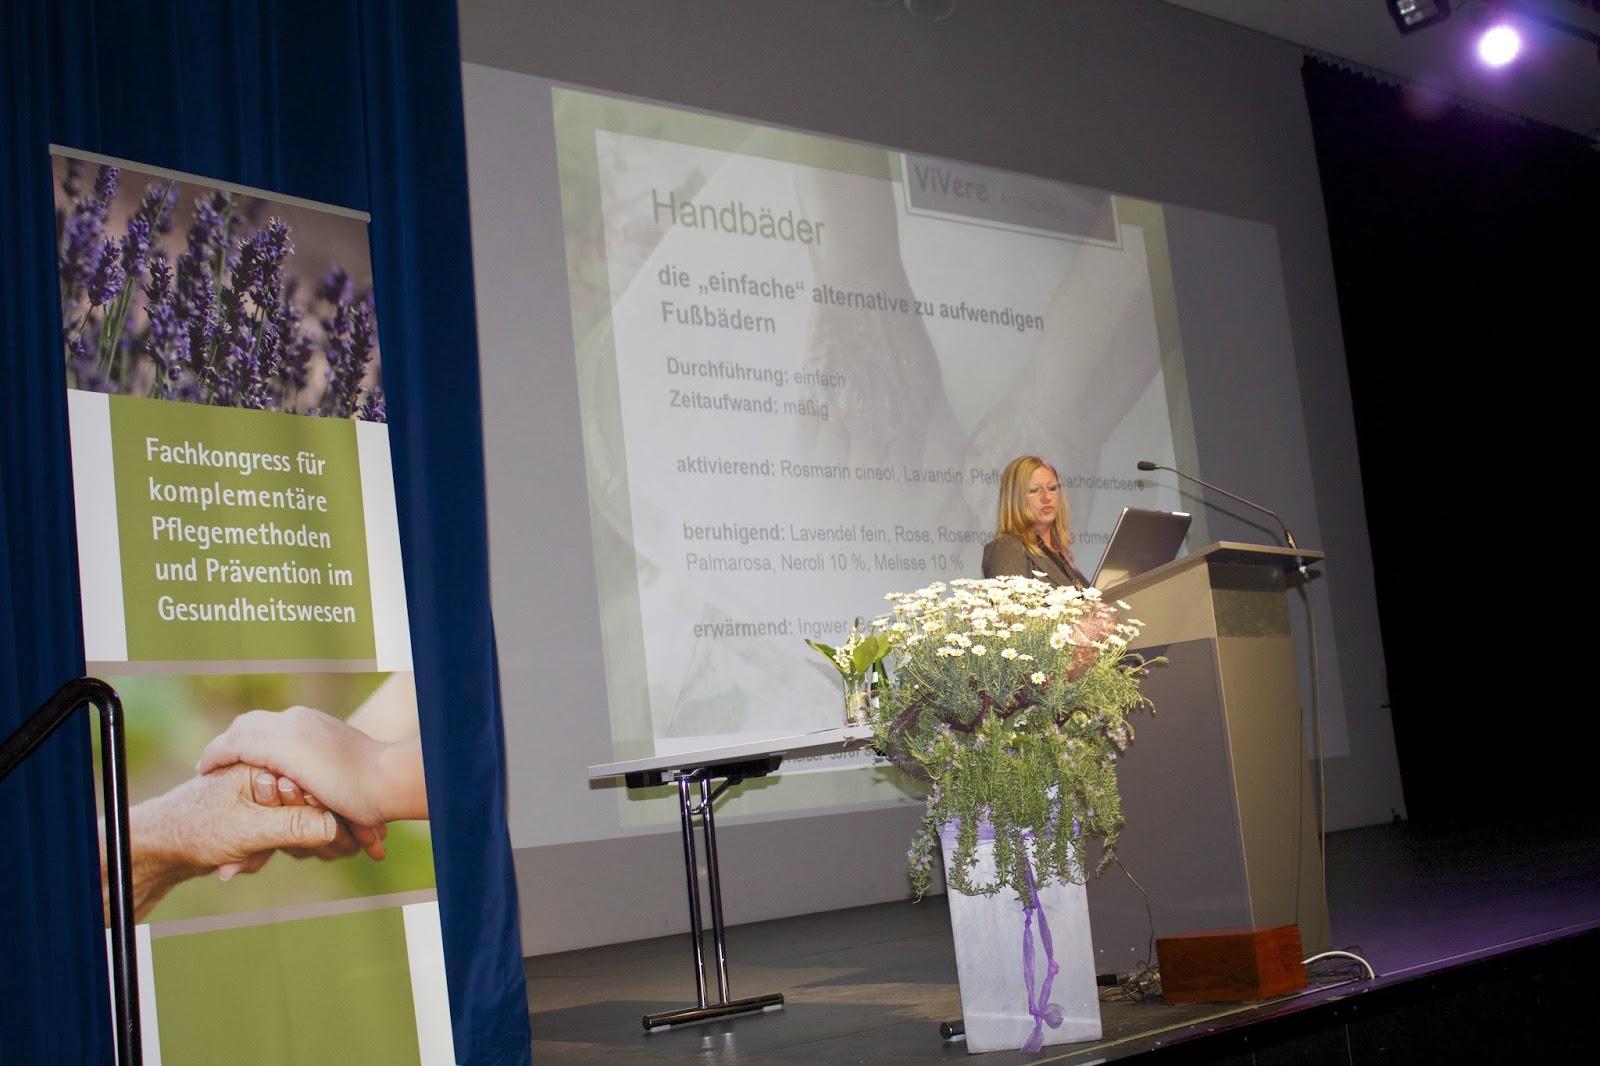 Praktische Einsatzmöglichkeiten der Aromapflege bei demenziell Erkrankten und alternder Menschen